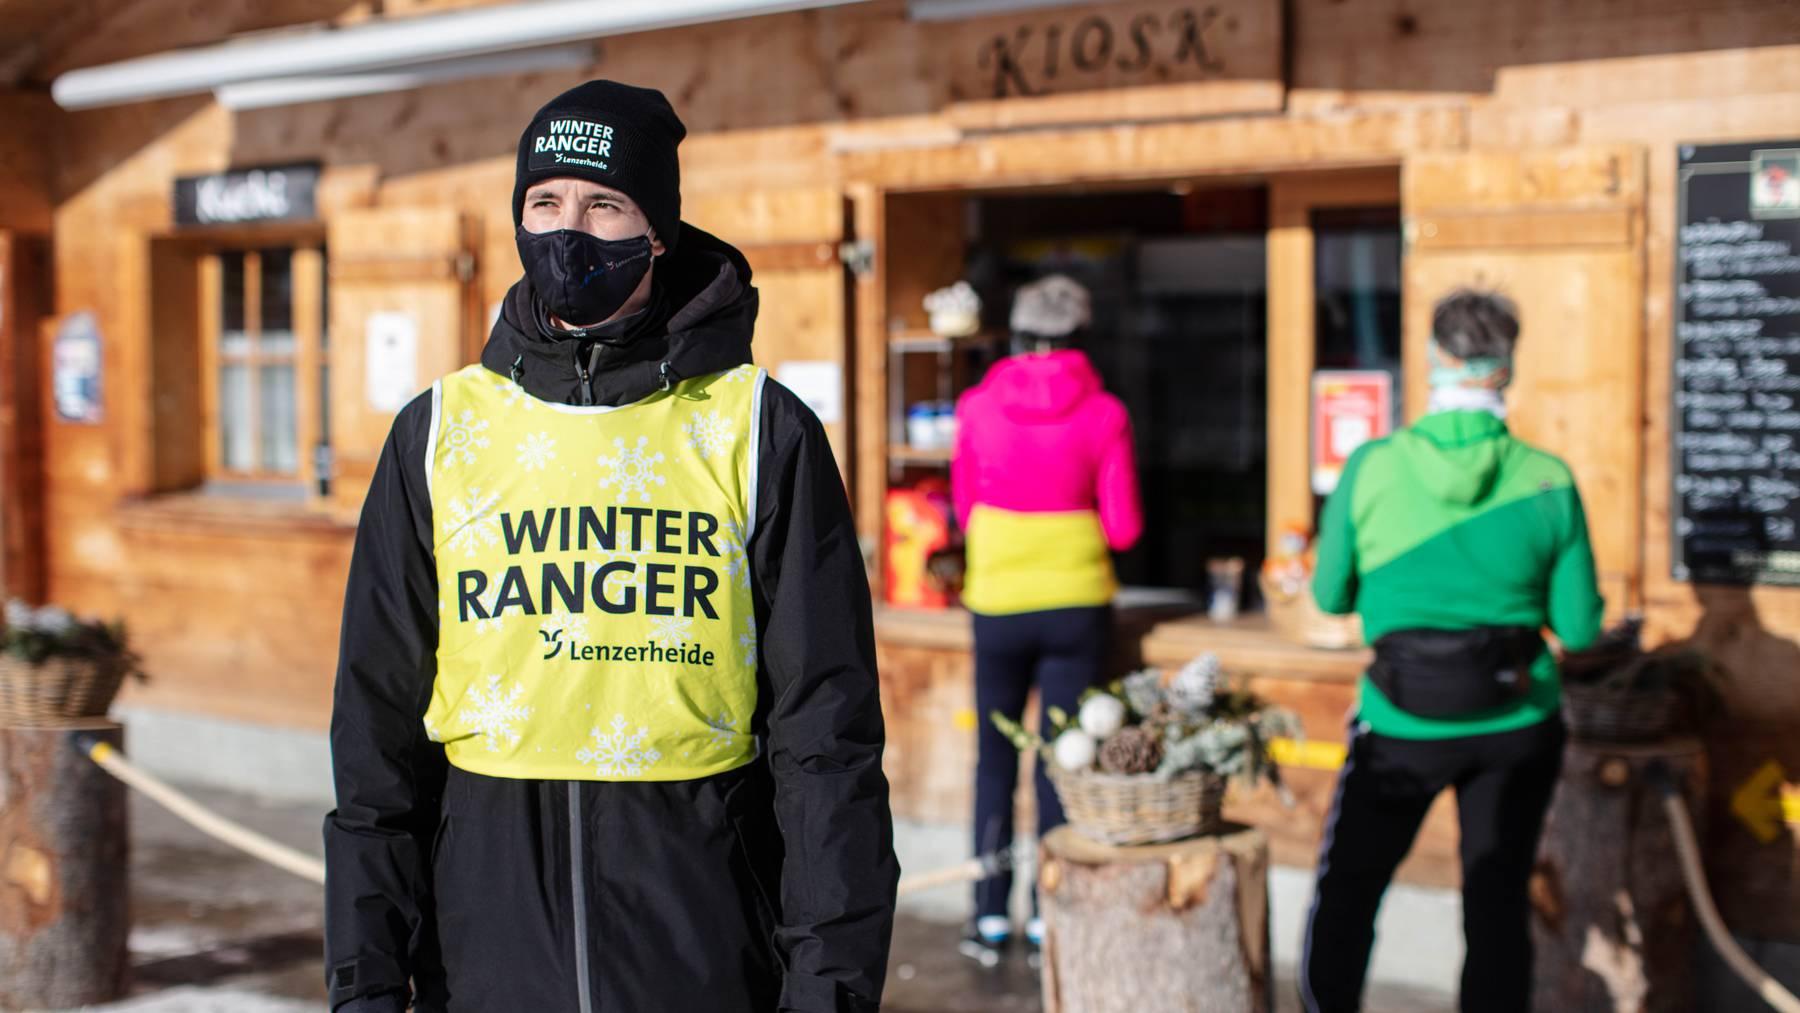 winter-ranger-in-der-wintersaison-2020-21-6233597